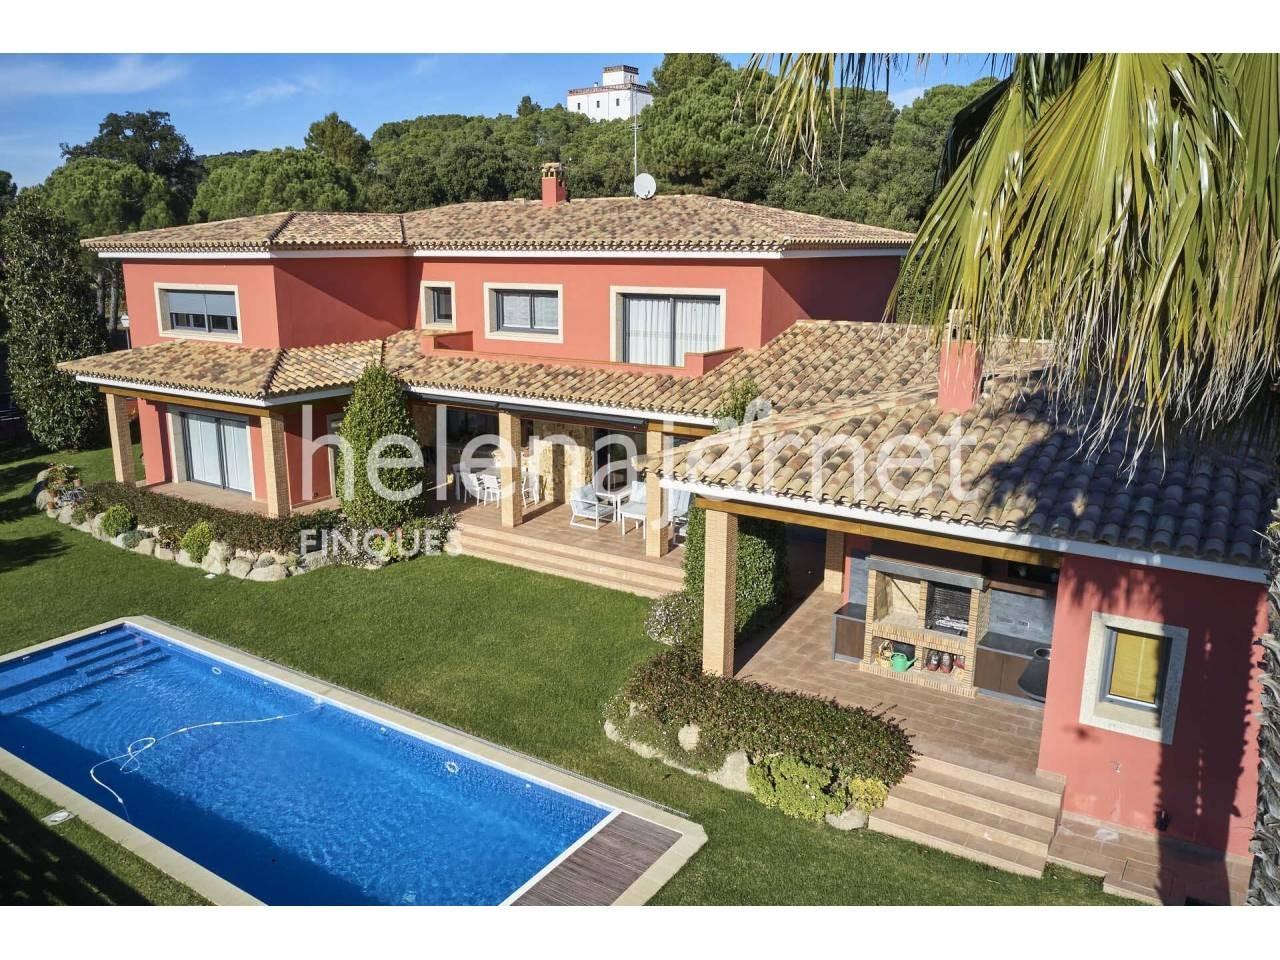 Fantàstica i lluminosa casa amb jardí i piscina a Santa Cristina d´Aro - 3516